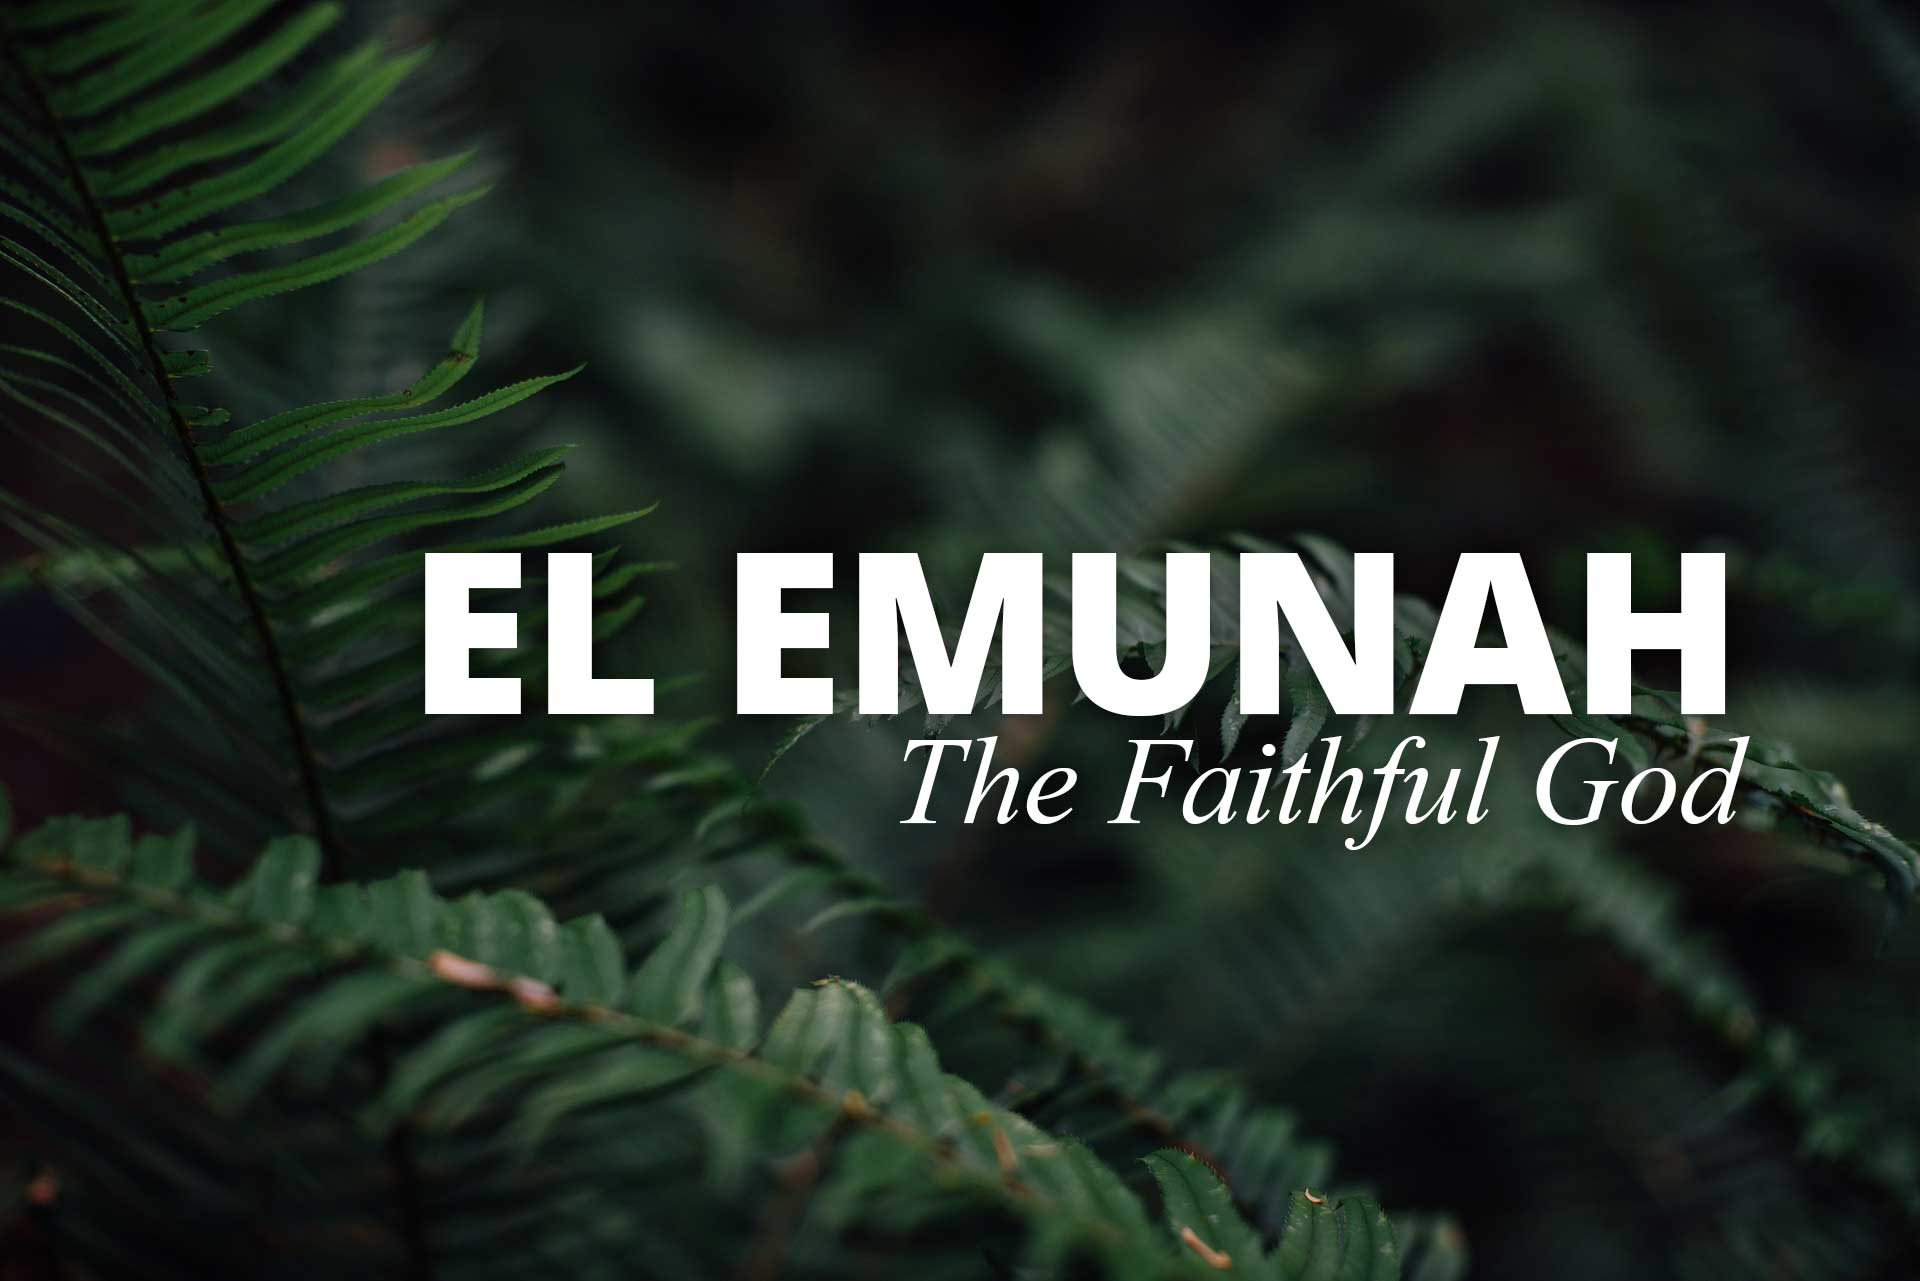 El-emunah